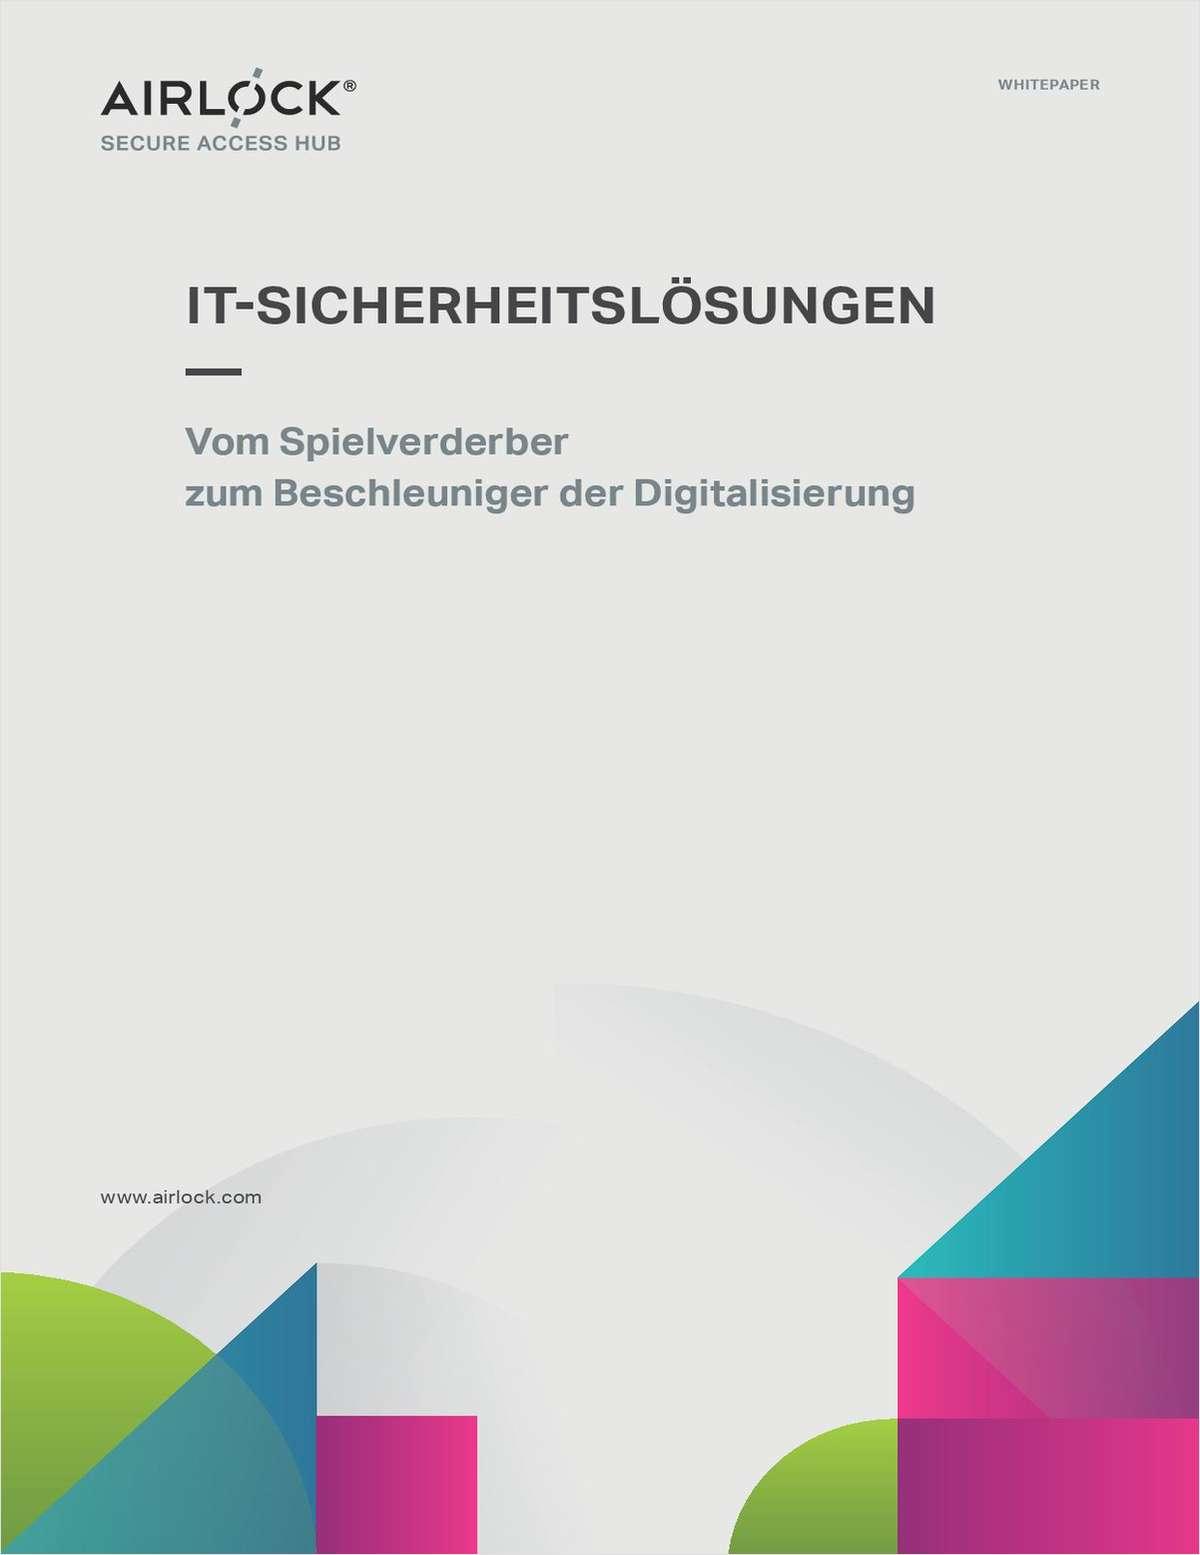 IT Sicherheit - vom Spielverderber zum Beschleuniger der Digitalisierung